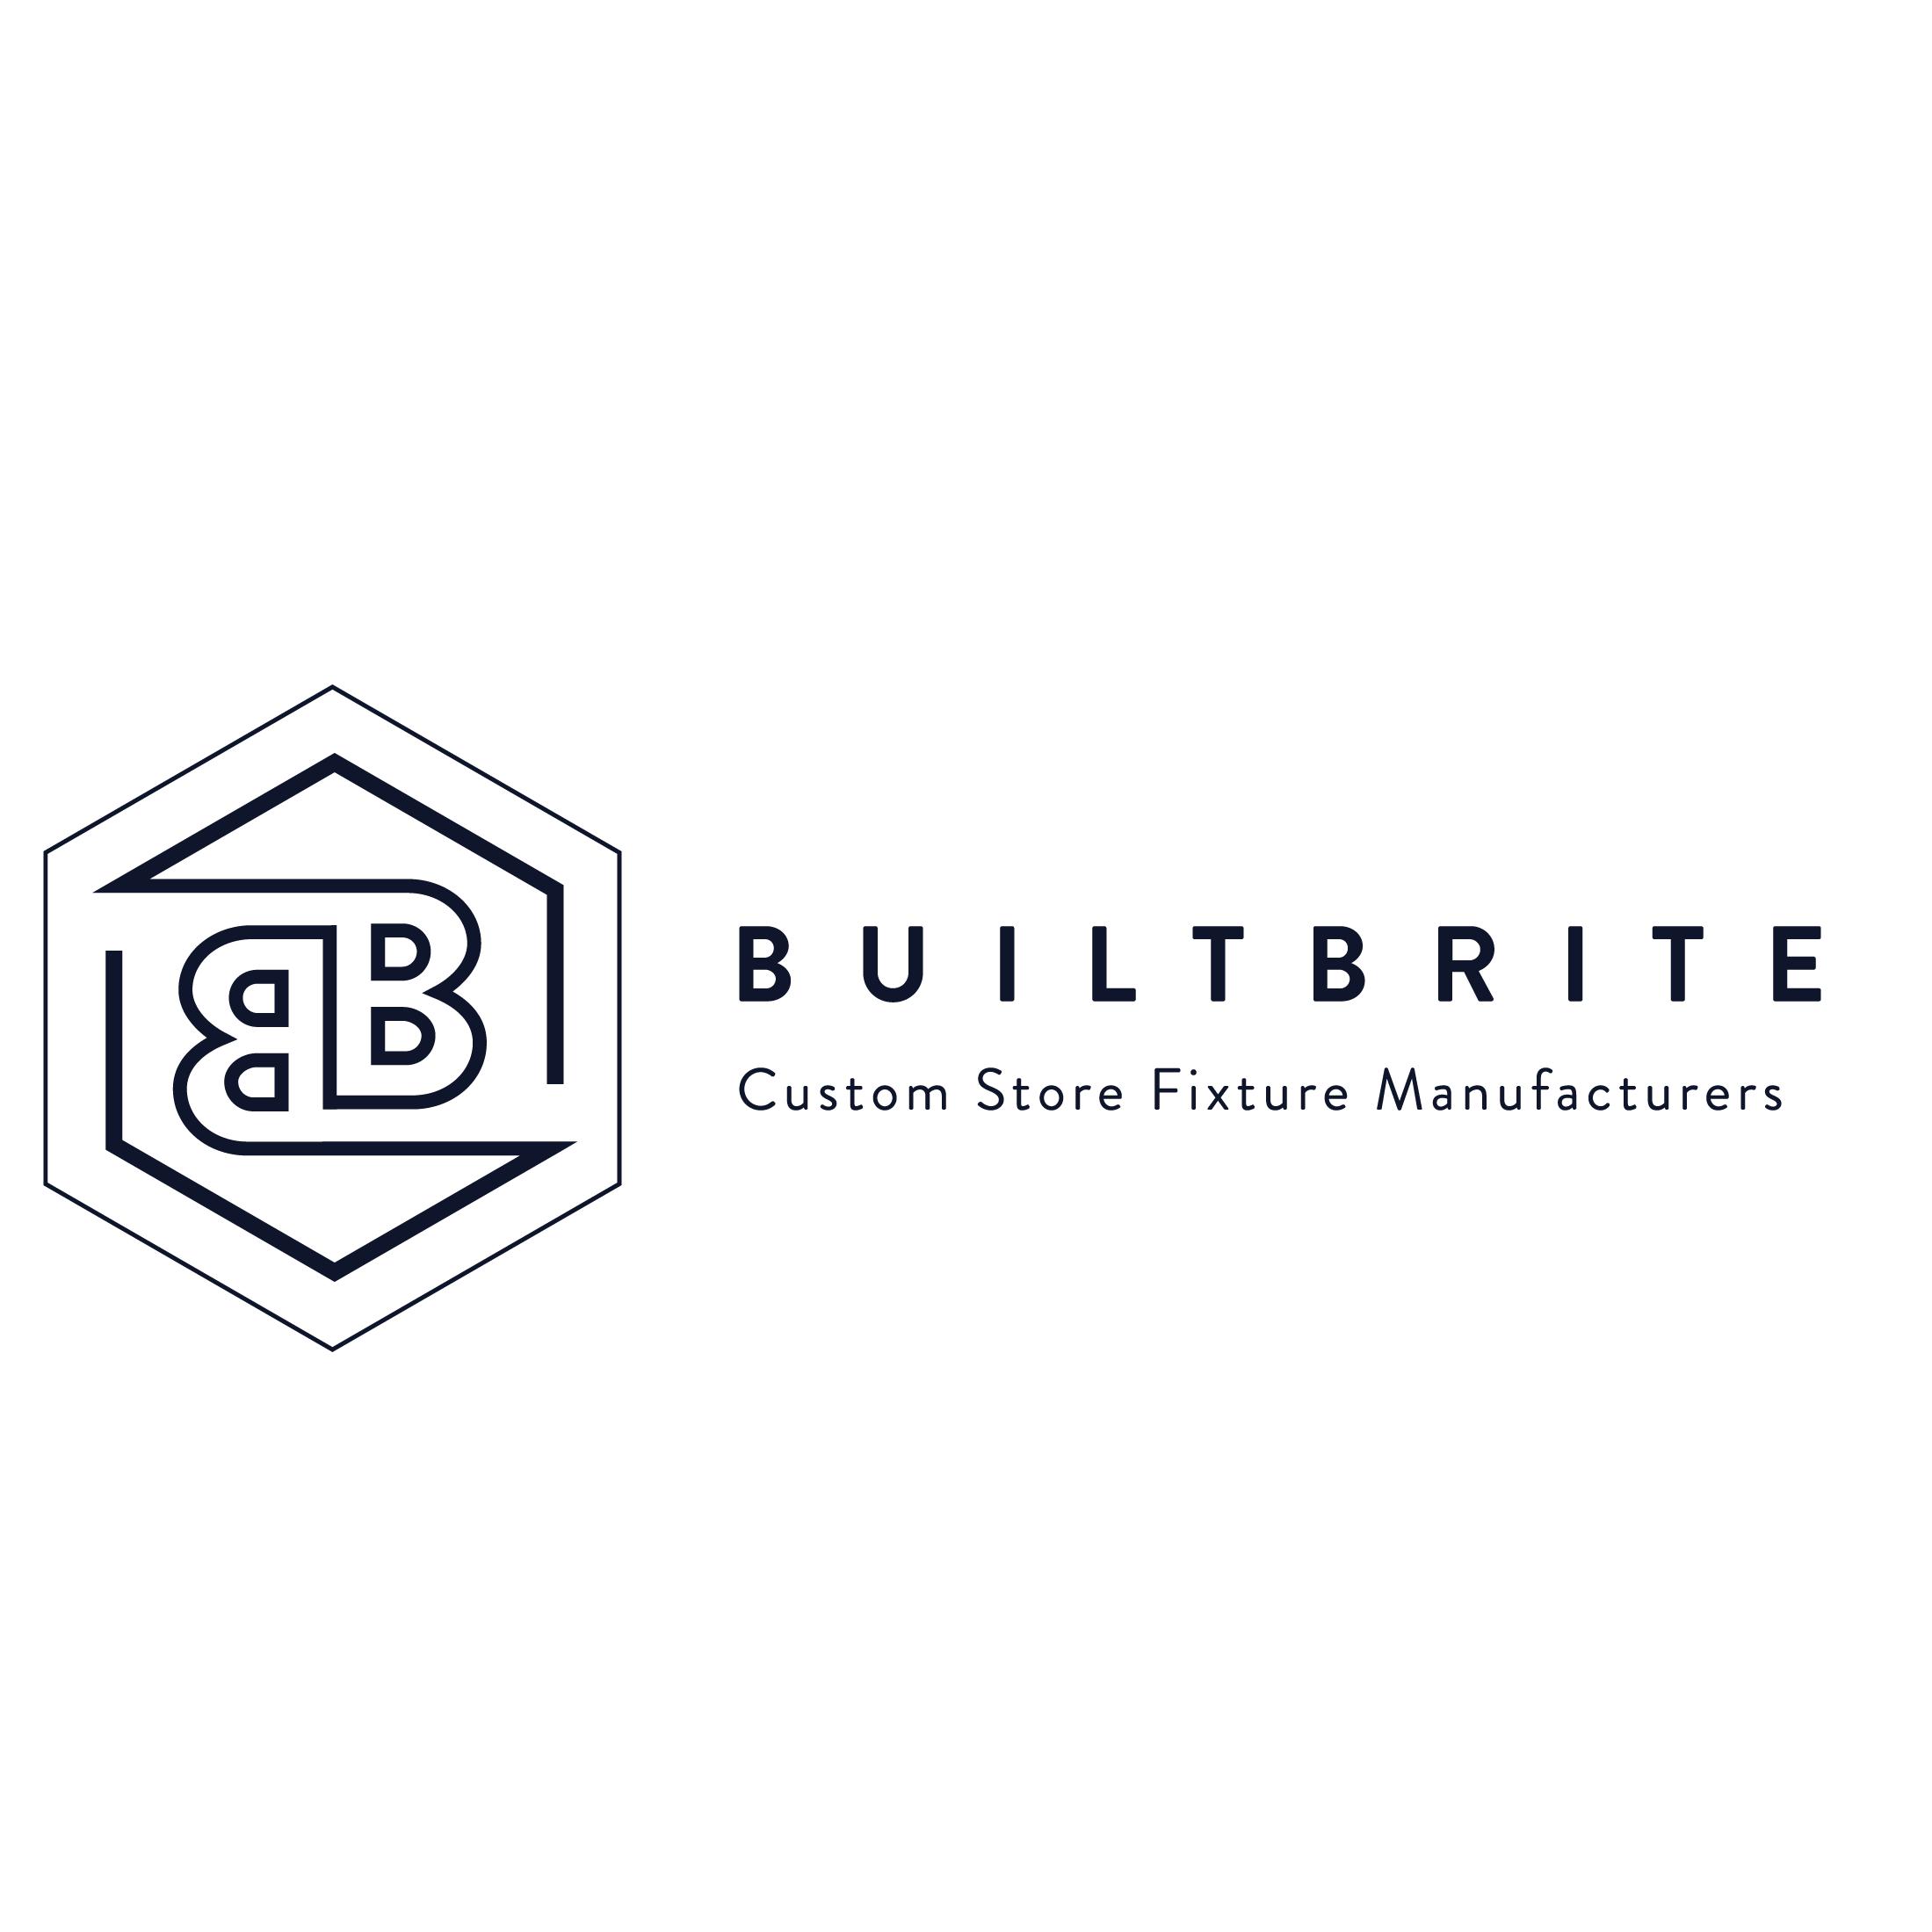 BUILTBRITE image 5